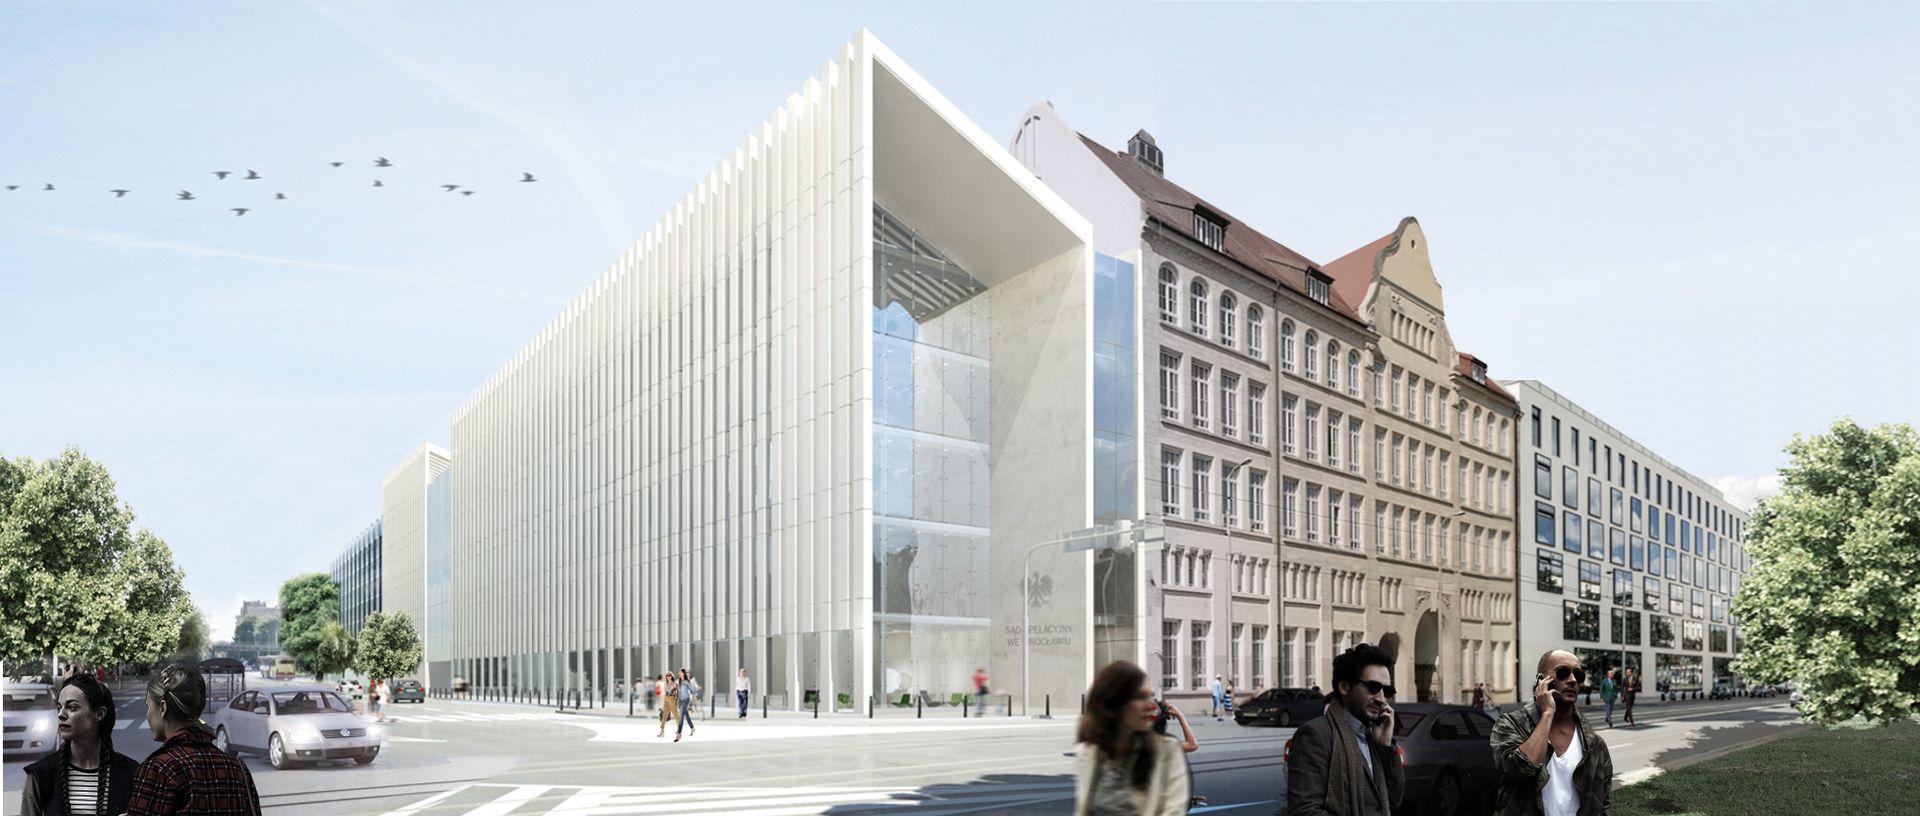 [Wrocław] Ruszają przygotowania do budowy nowego gmachu sądu przy Piłsudskiego [WIZUALIZACJE]